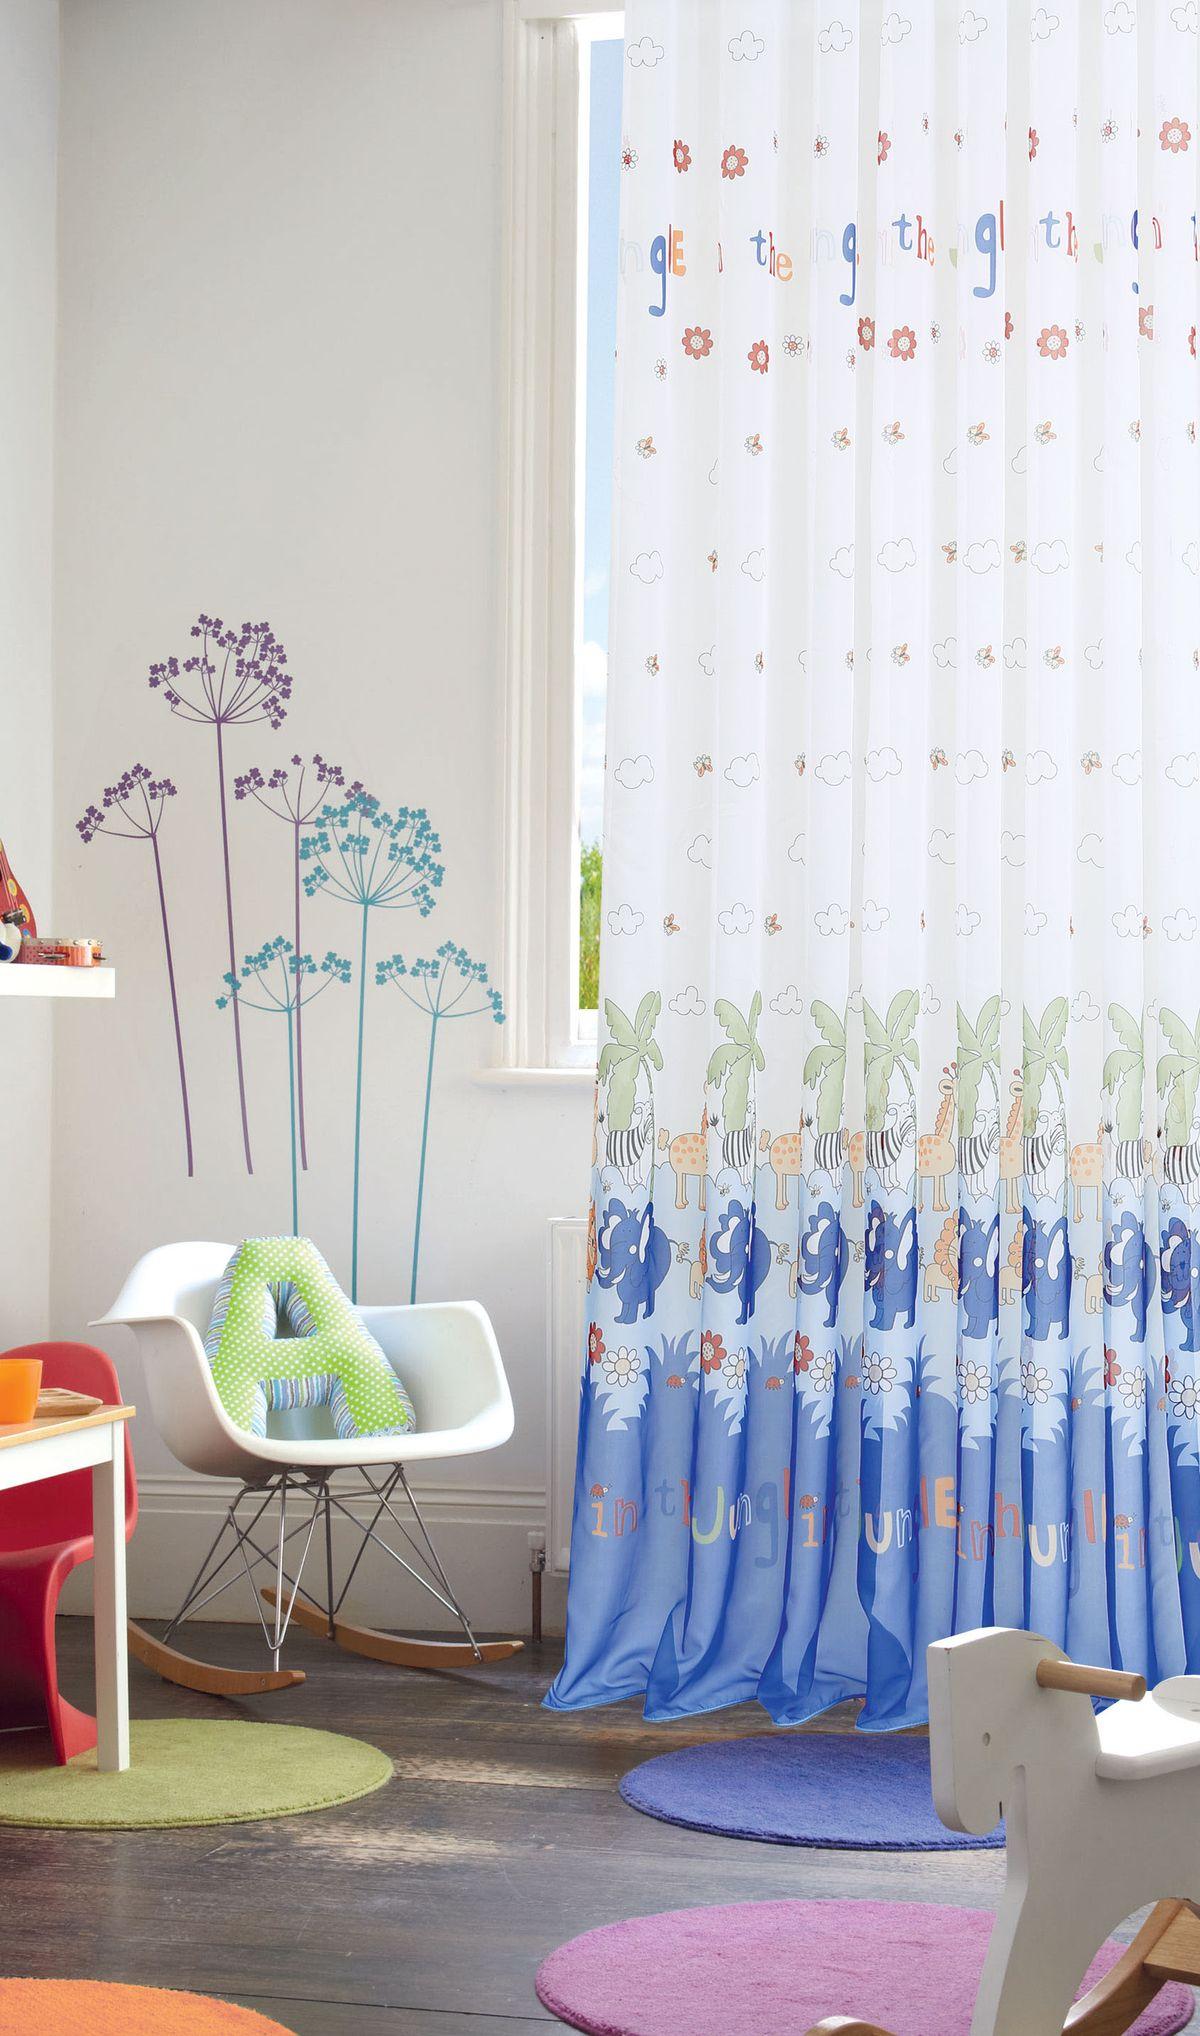 Штора готовая Garden, на ленте, цвет: синий, 300х270 см. С 9169 - W191 V14705543Изящная штора для детской комнаты Garden выполнена из легкой ткани с оригинальной структурой. Приятная текстура и цвет штор привлекут к себе внимание и органично впишутся в интерьер помещения. Штора крепится на карниз при помощи ленты, которая поможет красиво и равномерно задрапировать верх.